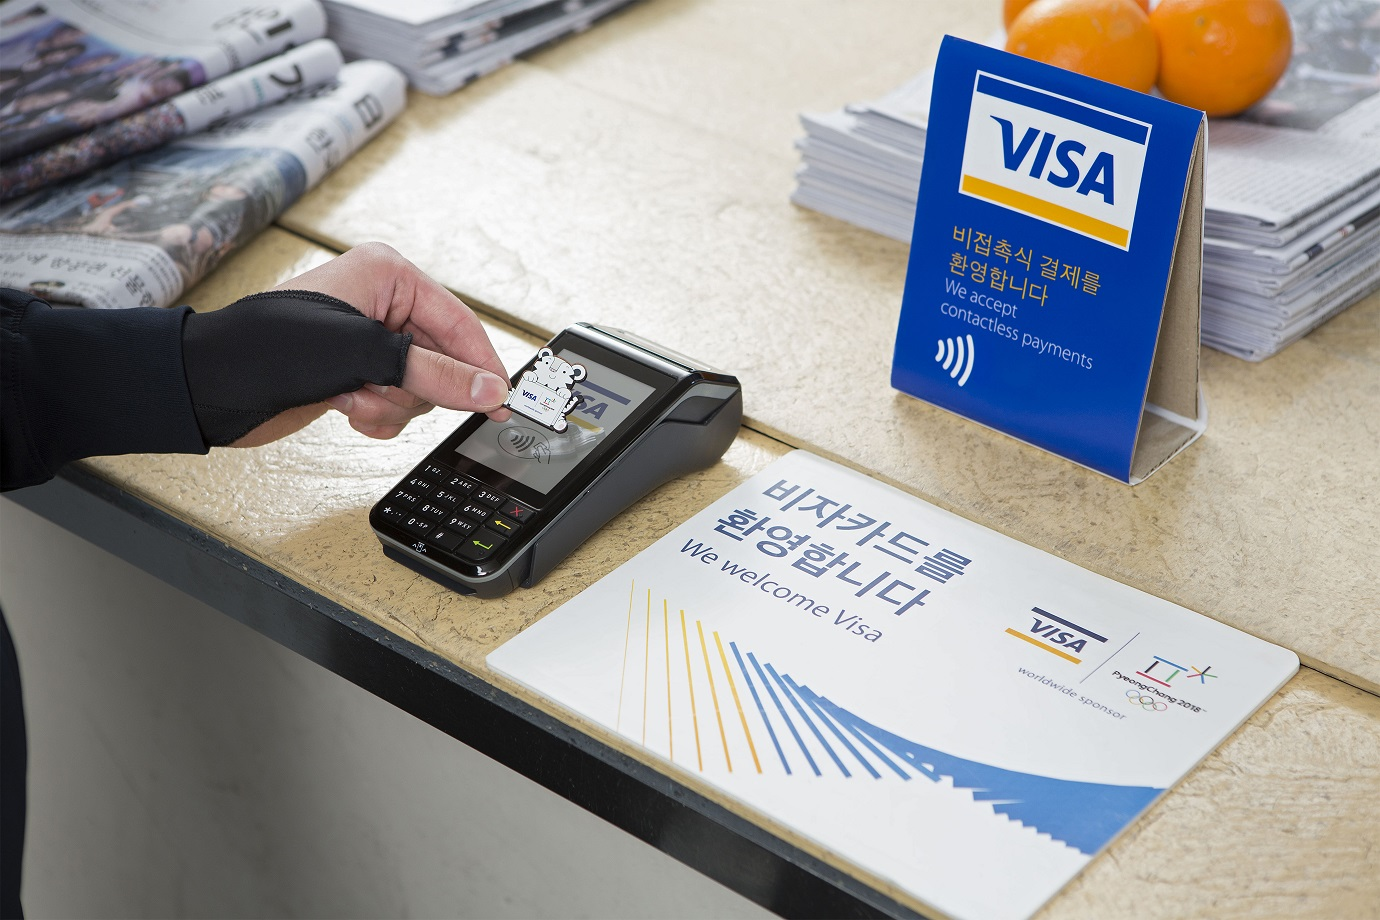 Platnicze urzadzenie ubieralne Visa_przypinka